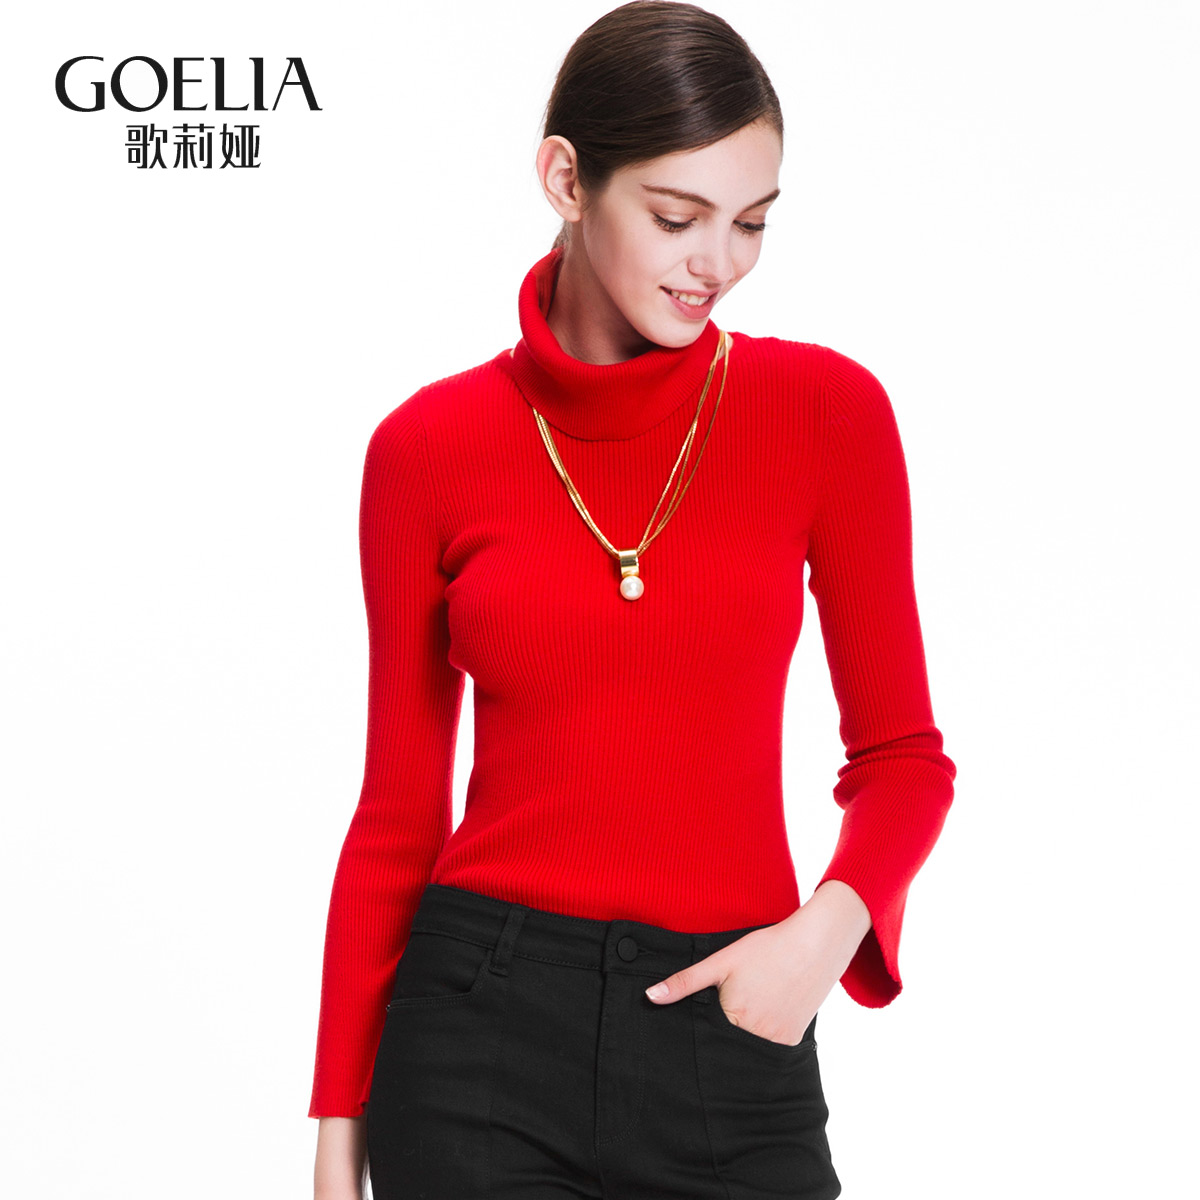 歌莉娅女装 【首降】歌莉娅 冬季新 喇叭袖打底毛衣 16NJ5J360_推荐淘宝好看的歌莉娅